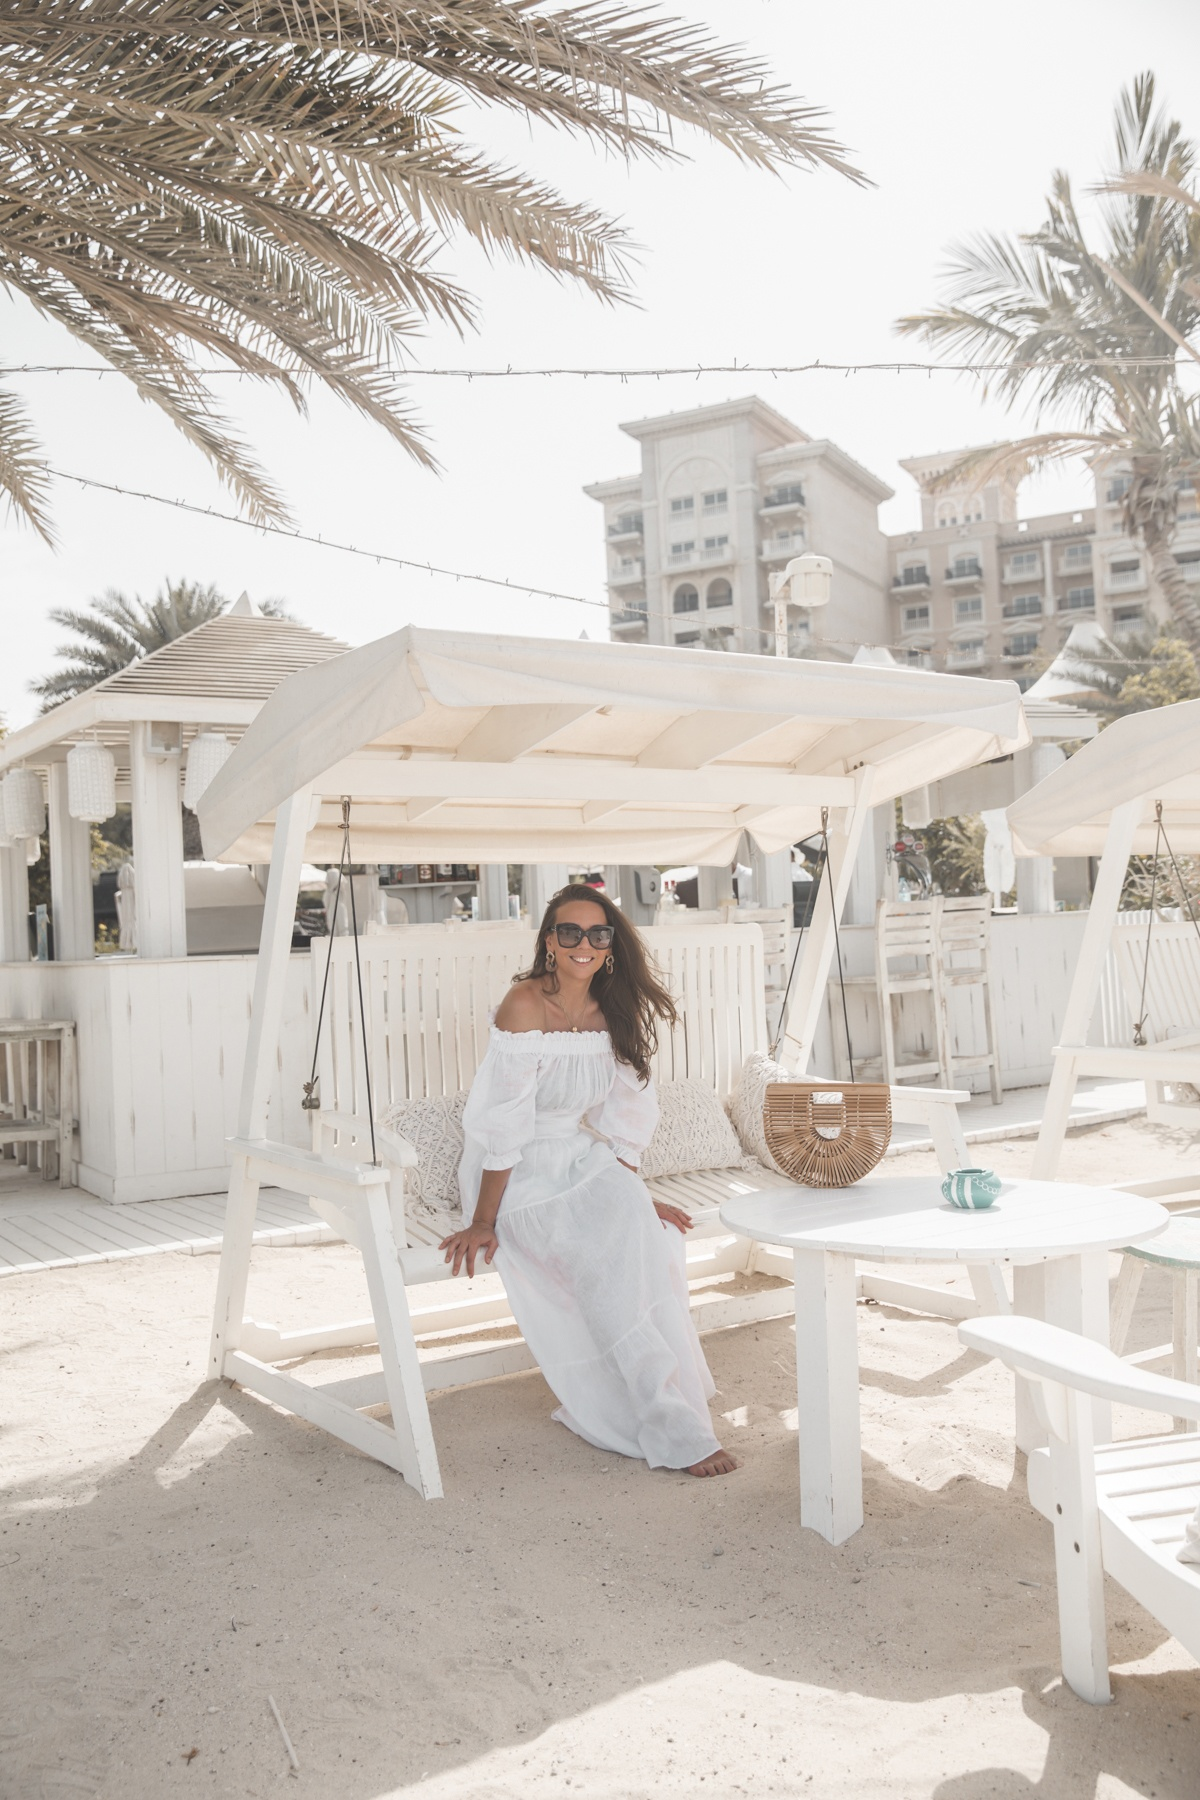 The Beach at JBR on Dubain parhaimpia ranta-alueita, jolta löytyy toimintaa jokaisen makuun: riippuliitoa, vesilautailua, banaaniveneilyä, kameliratsastusta ja.